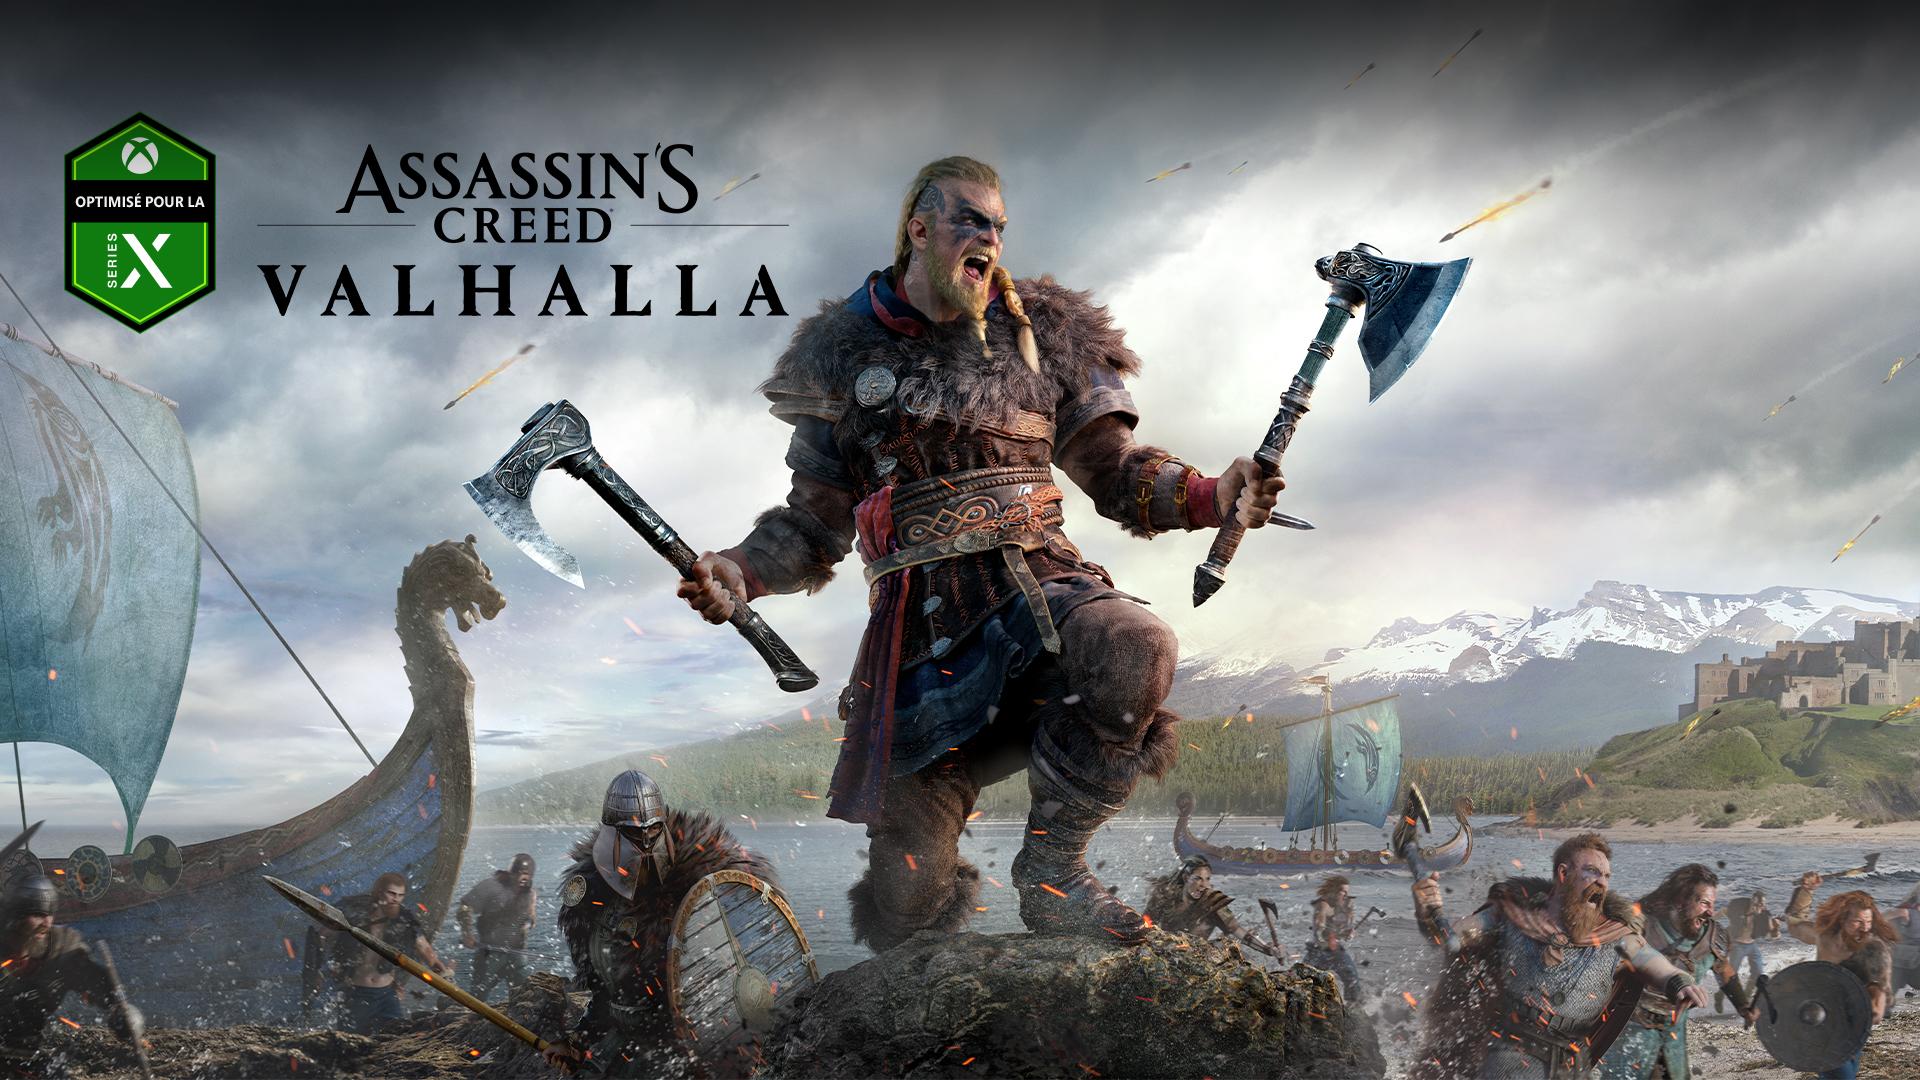 Logo Optimisé pour la Xbox SeriesX, Assassin's Creed Valhalla, personnage avec deux haches pendant la bataille